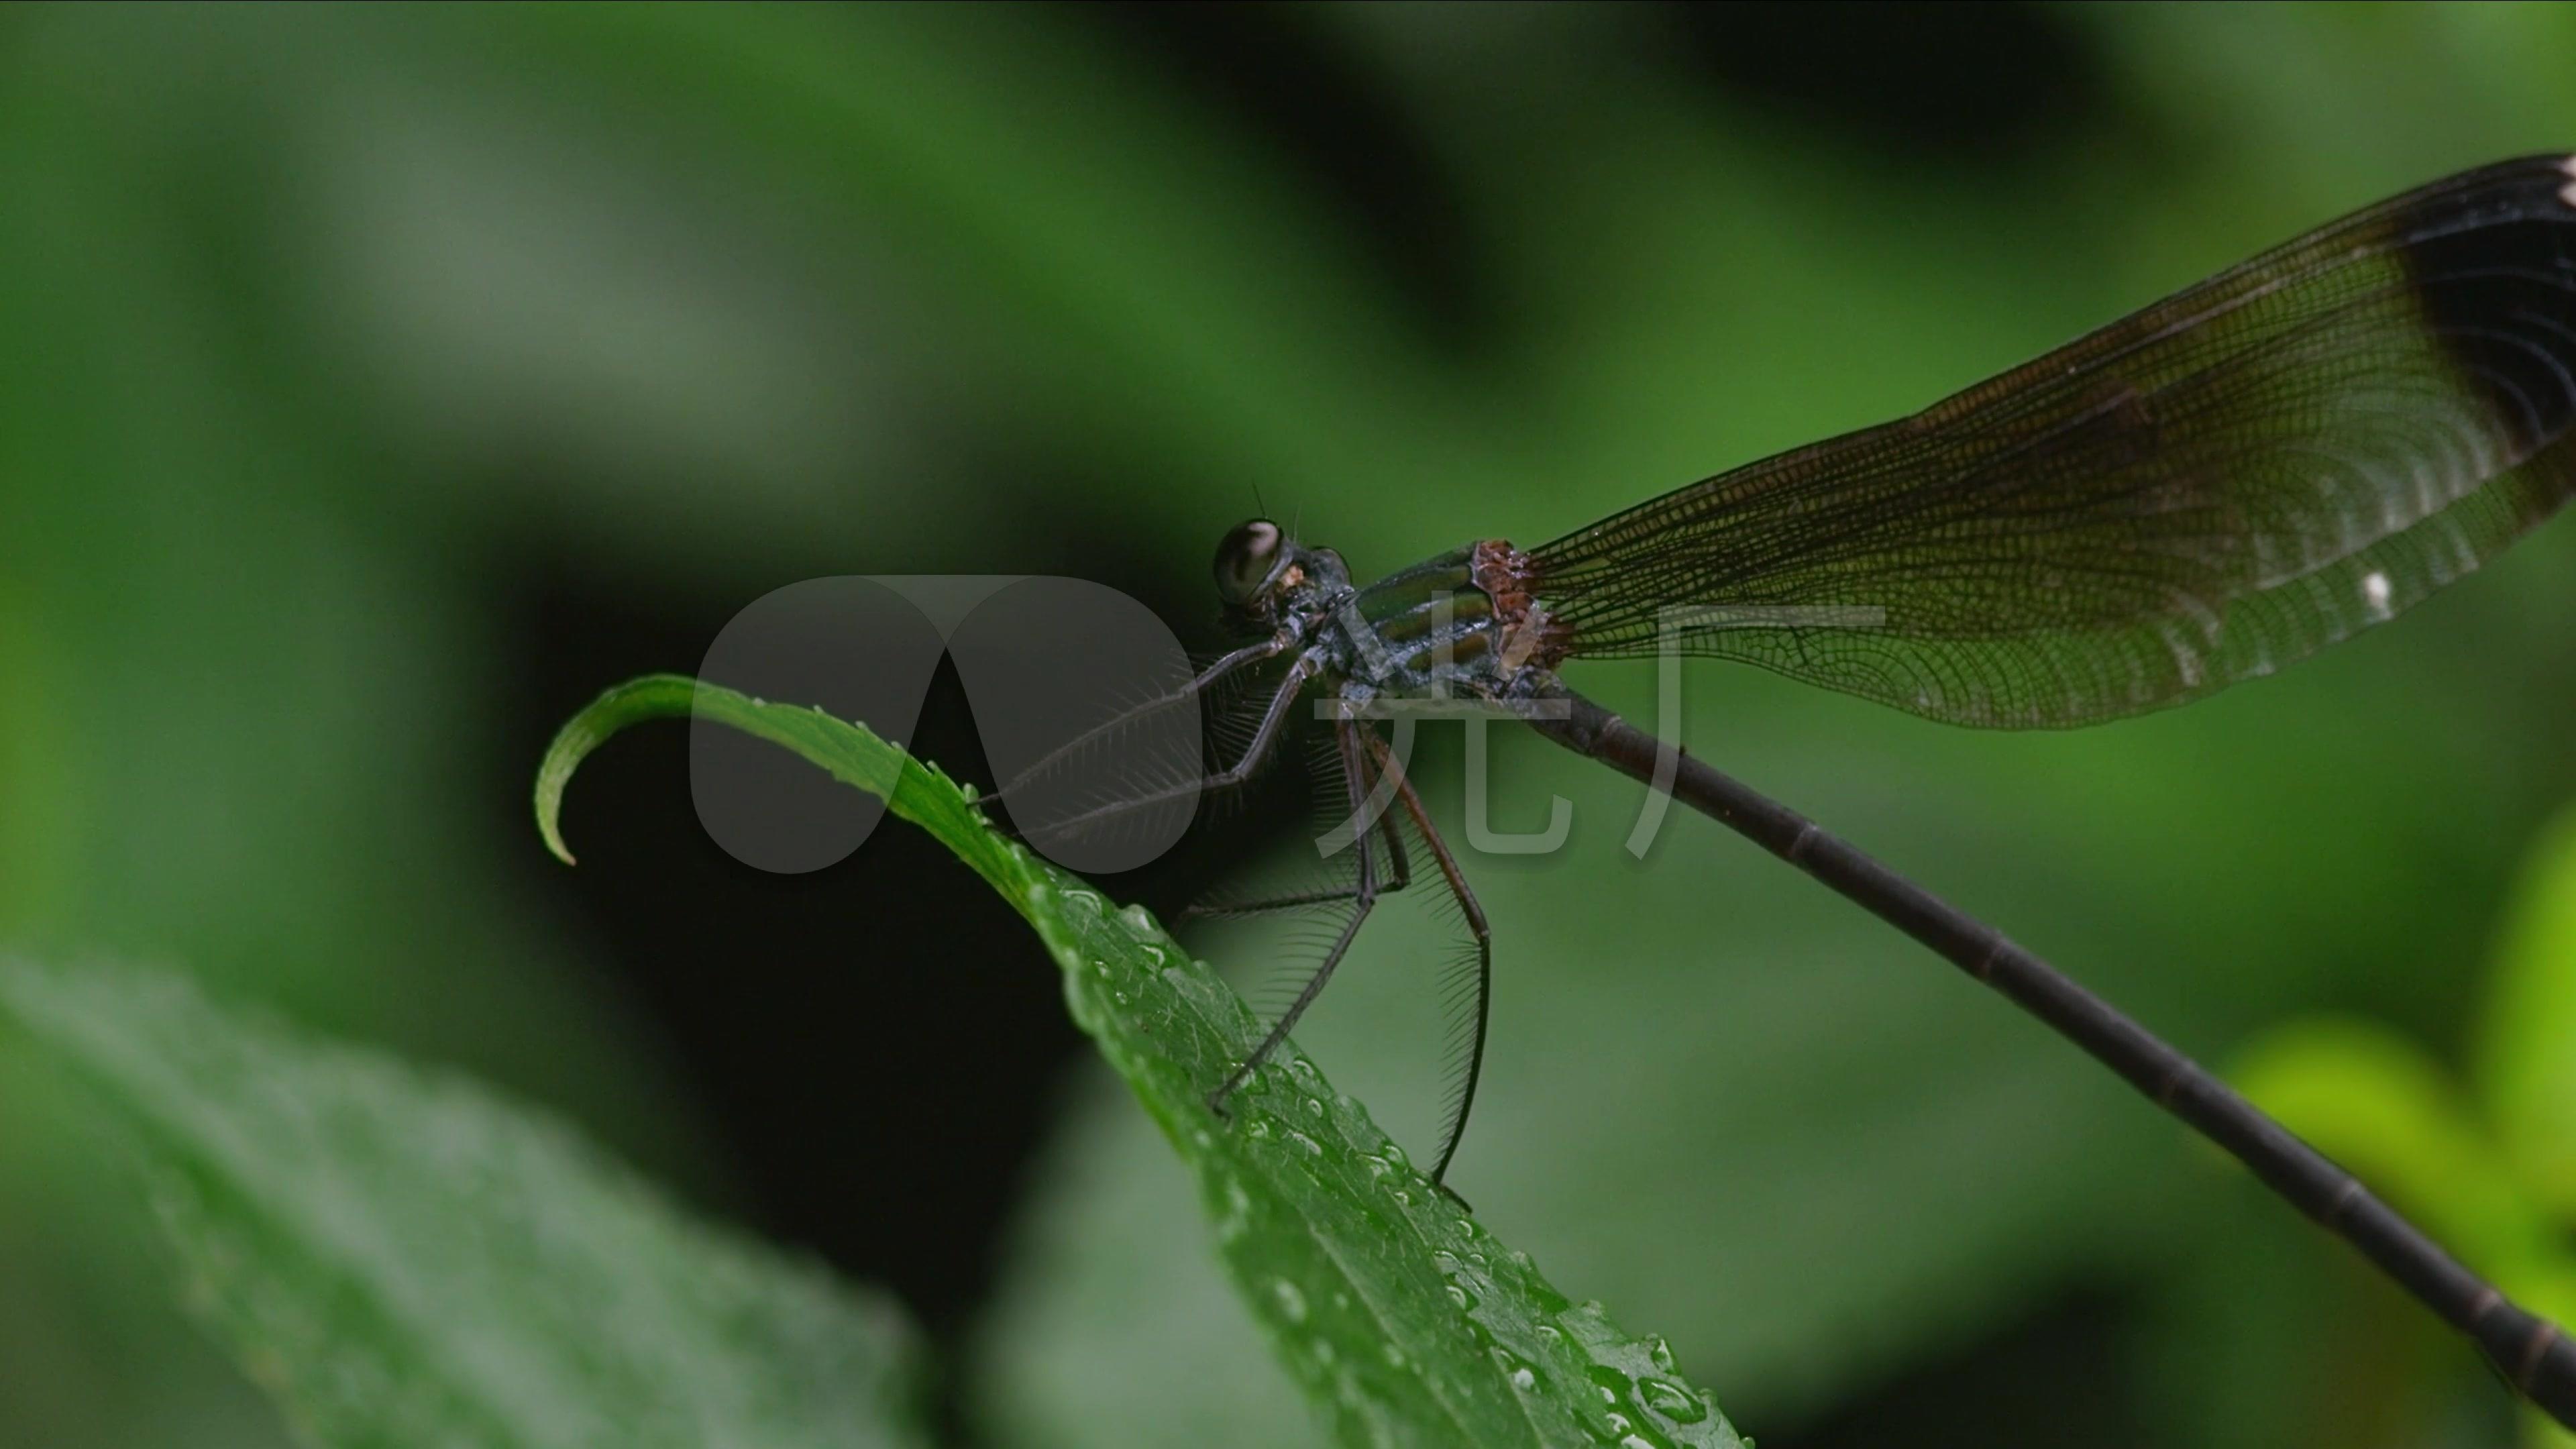 微距蜜蜂微型动物鸟,世界鲨鱼4k简体画绿色图片